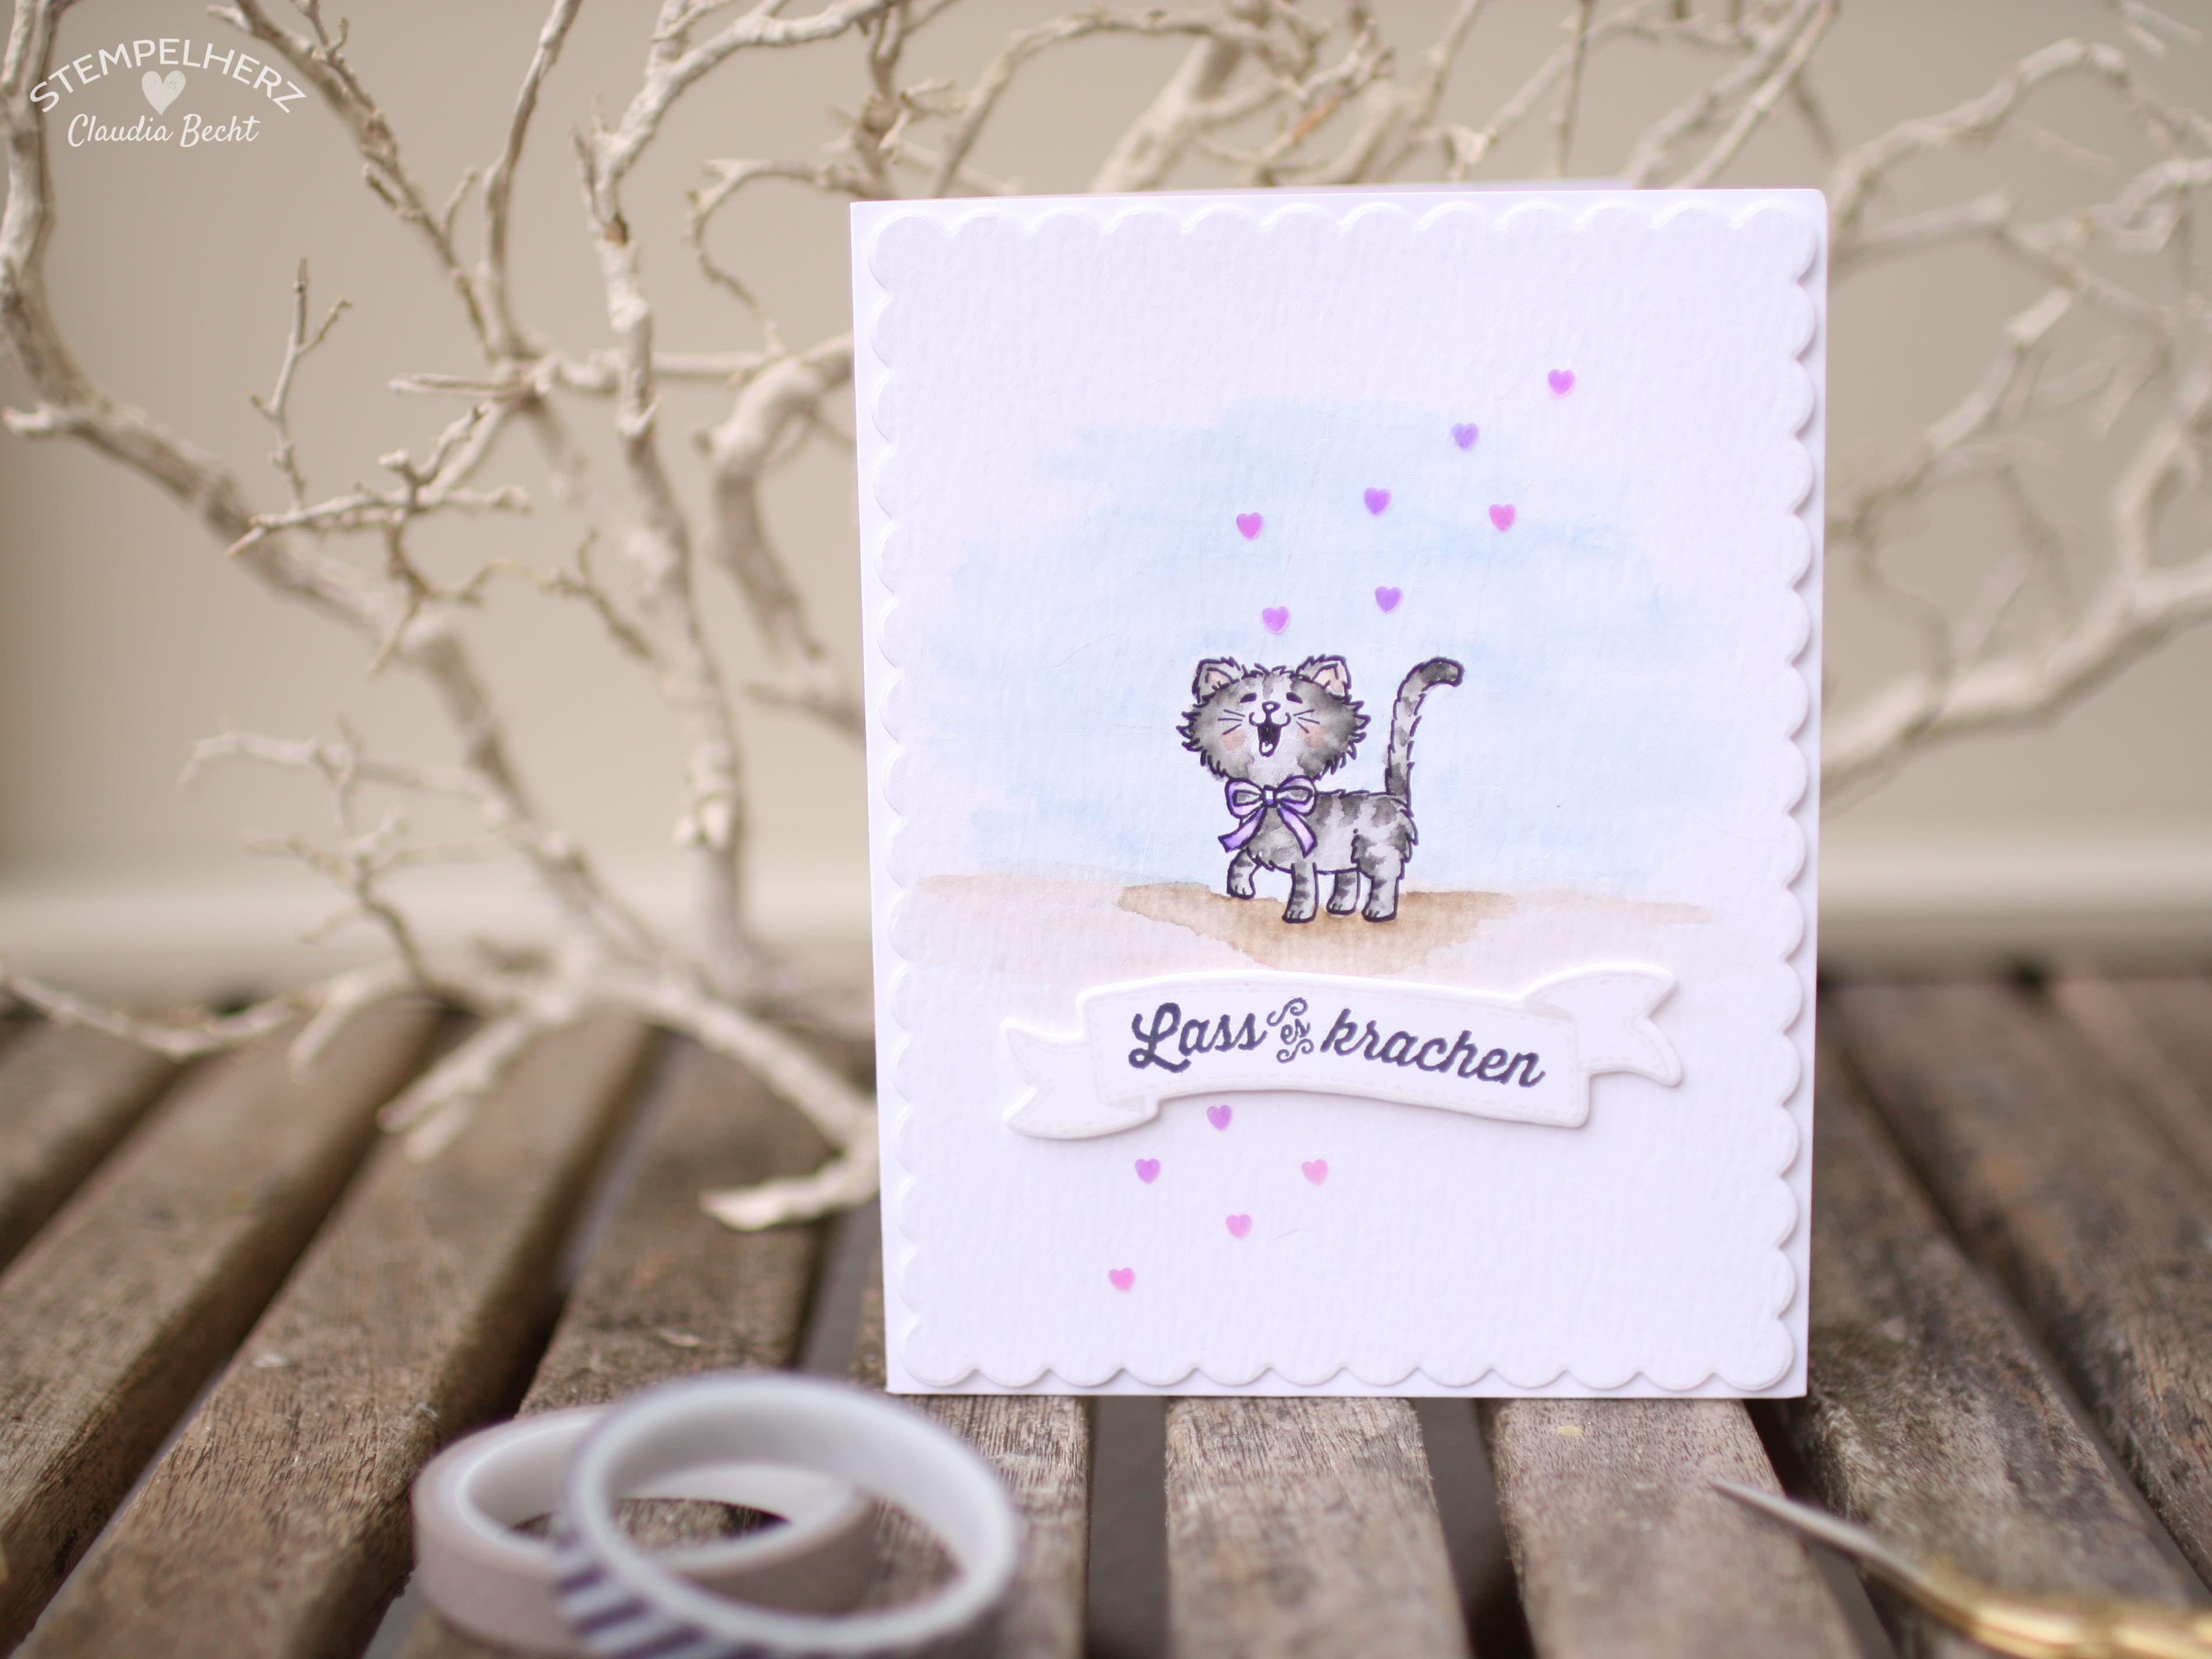 Stampin Up - Stempelherz - Geburtstagskarte - Aquarrell - Stempelset Geburtstagsbanner - Stempelset Pretty Kitty - Geburtstagskarte Lass es krachen 02